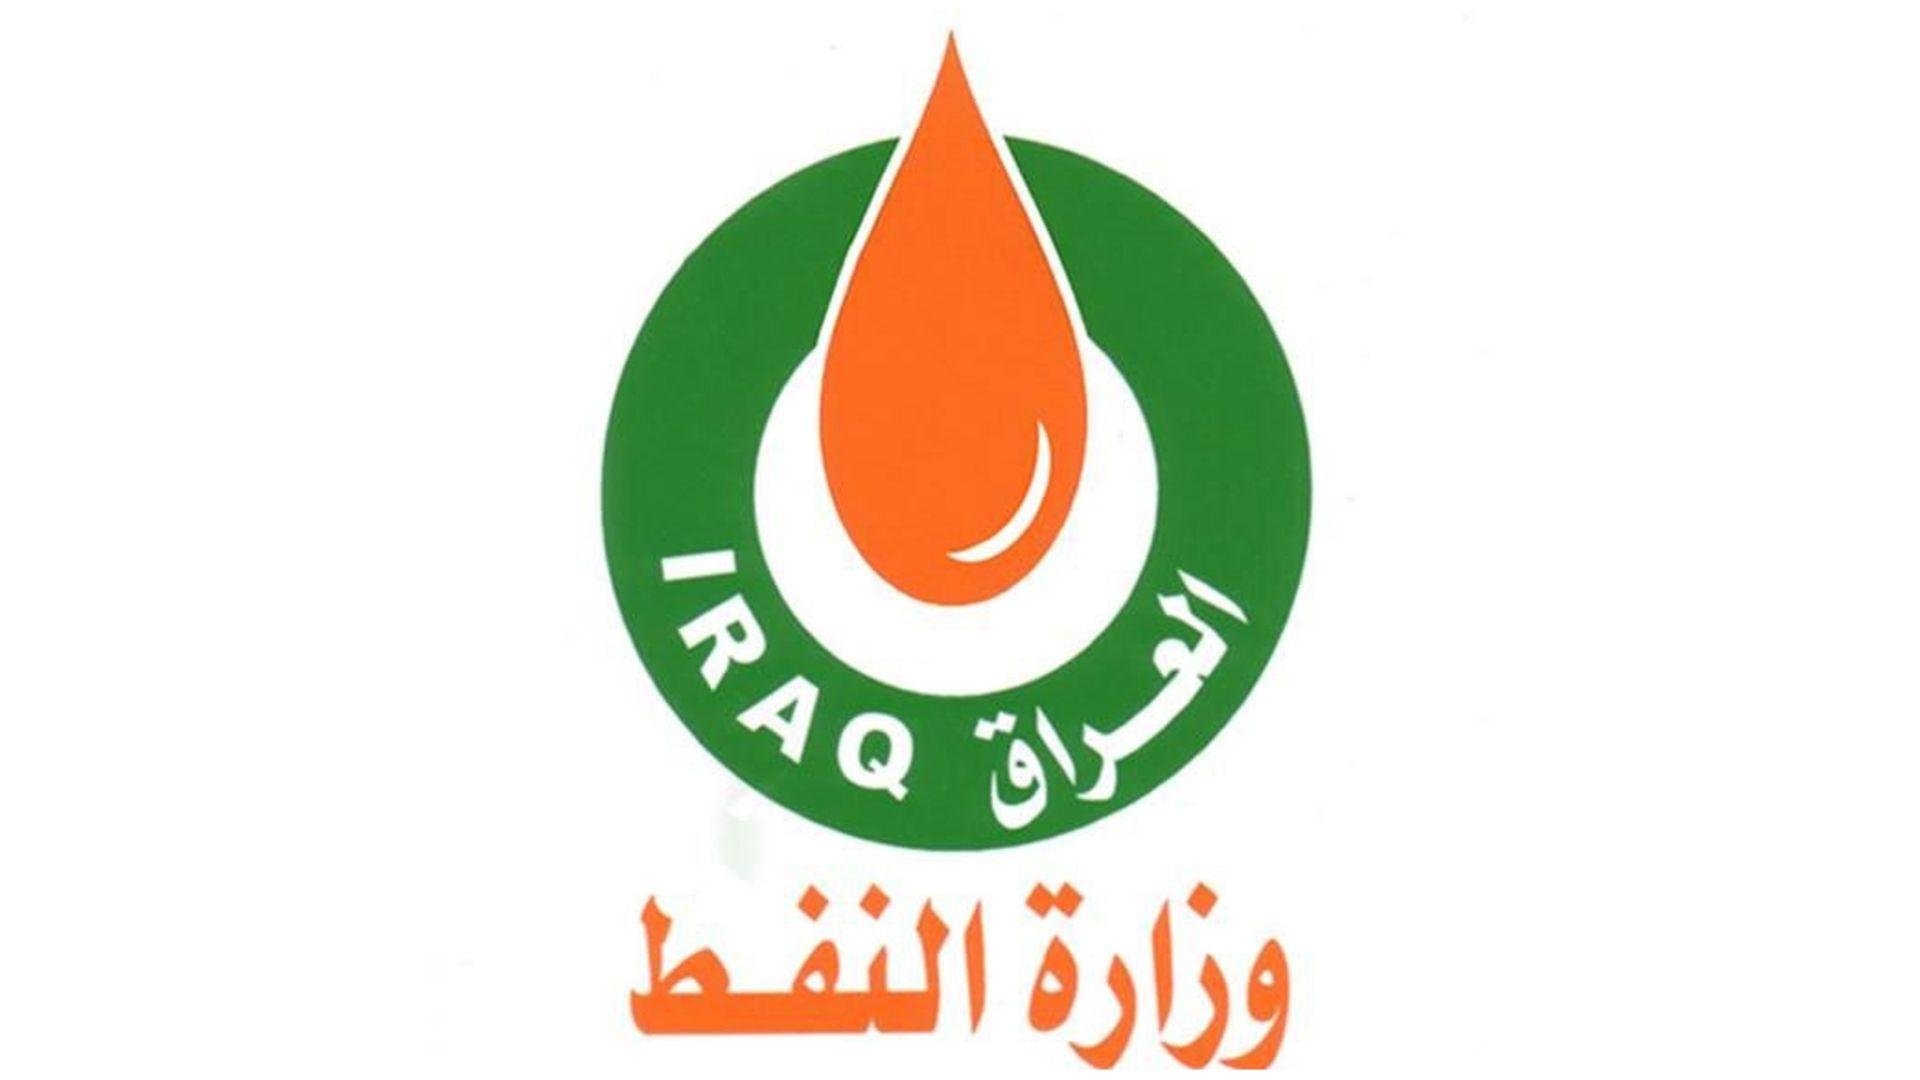 وزارة النفط تعلن توفير آلاف الوظائف